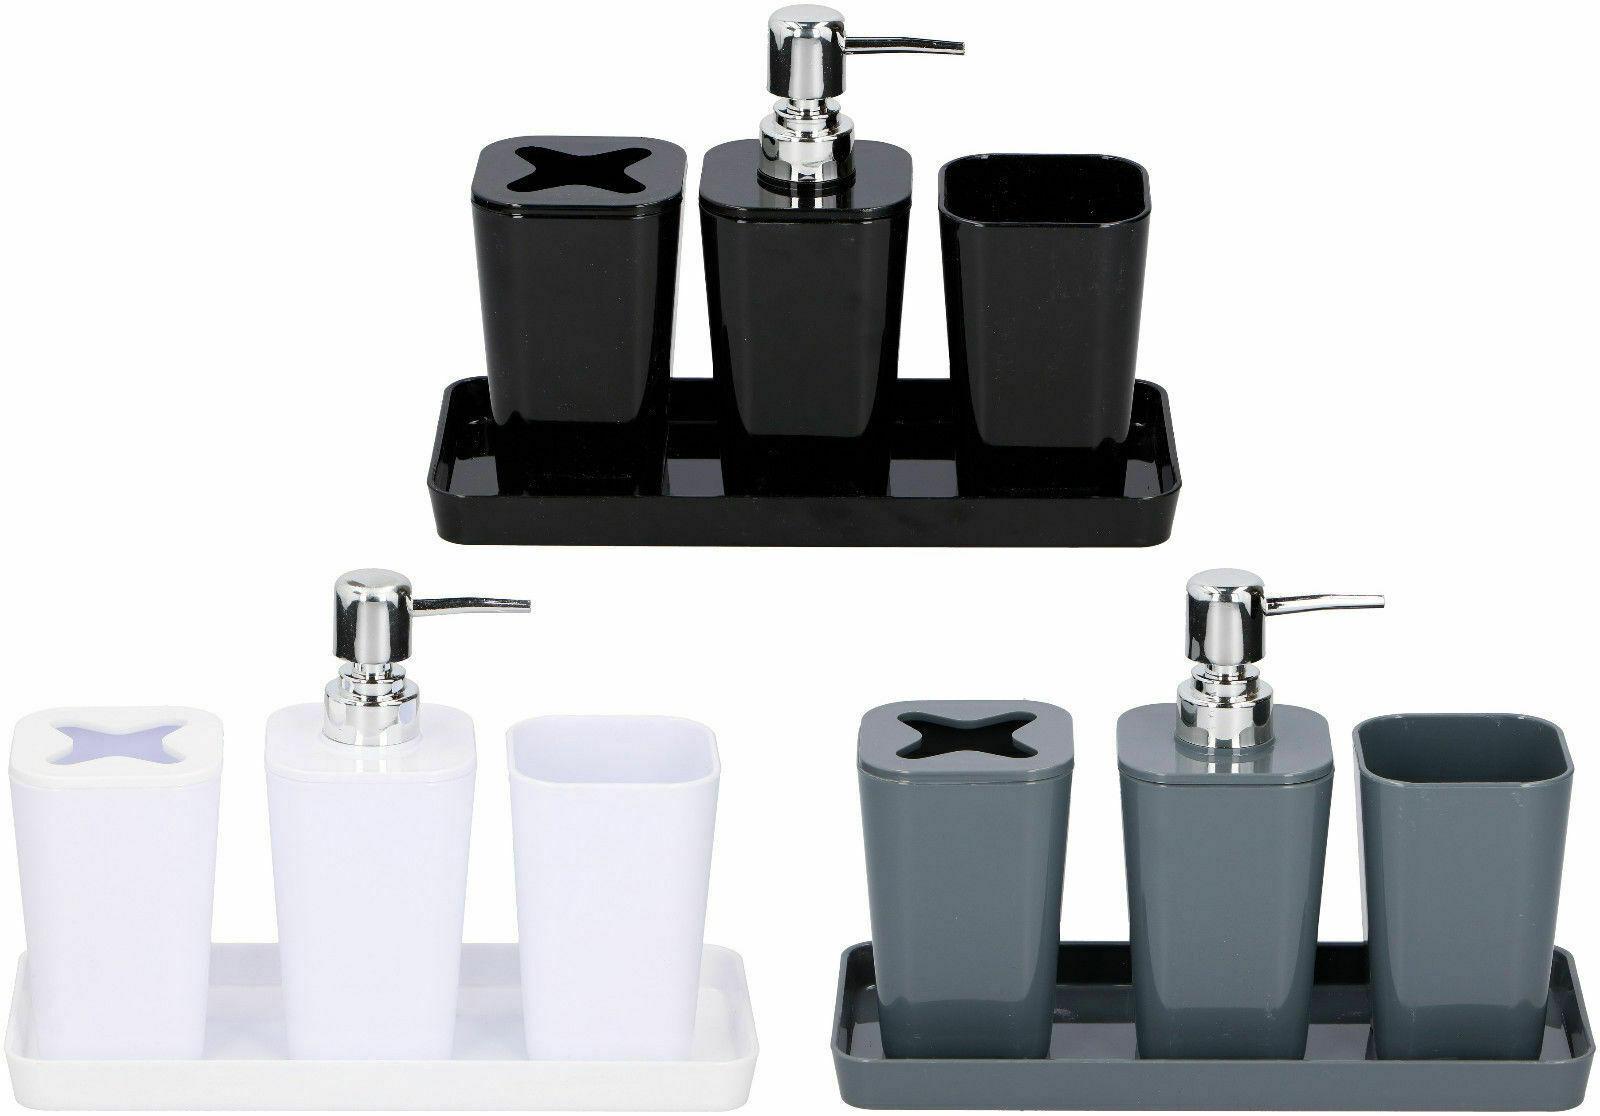 Badezimmer Bad Zubehör Set Seifenspender Zahnputzbecher Zahnbürsten-Becher WC